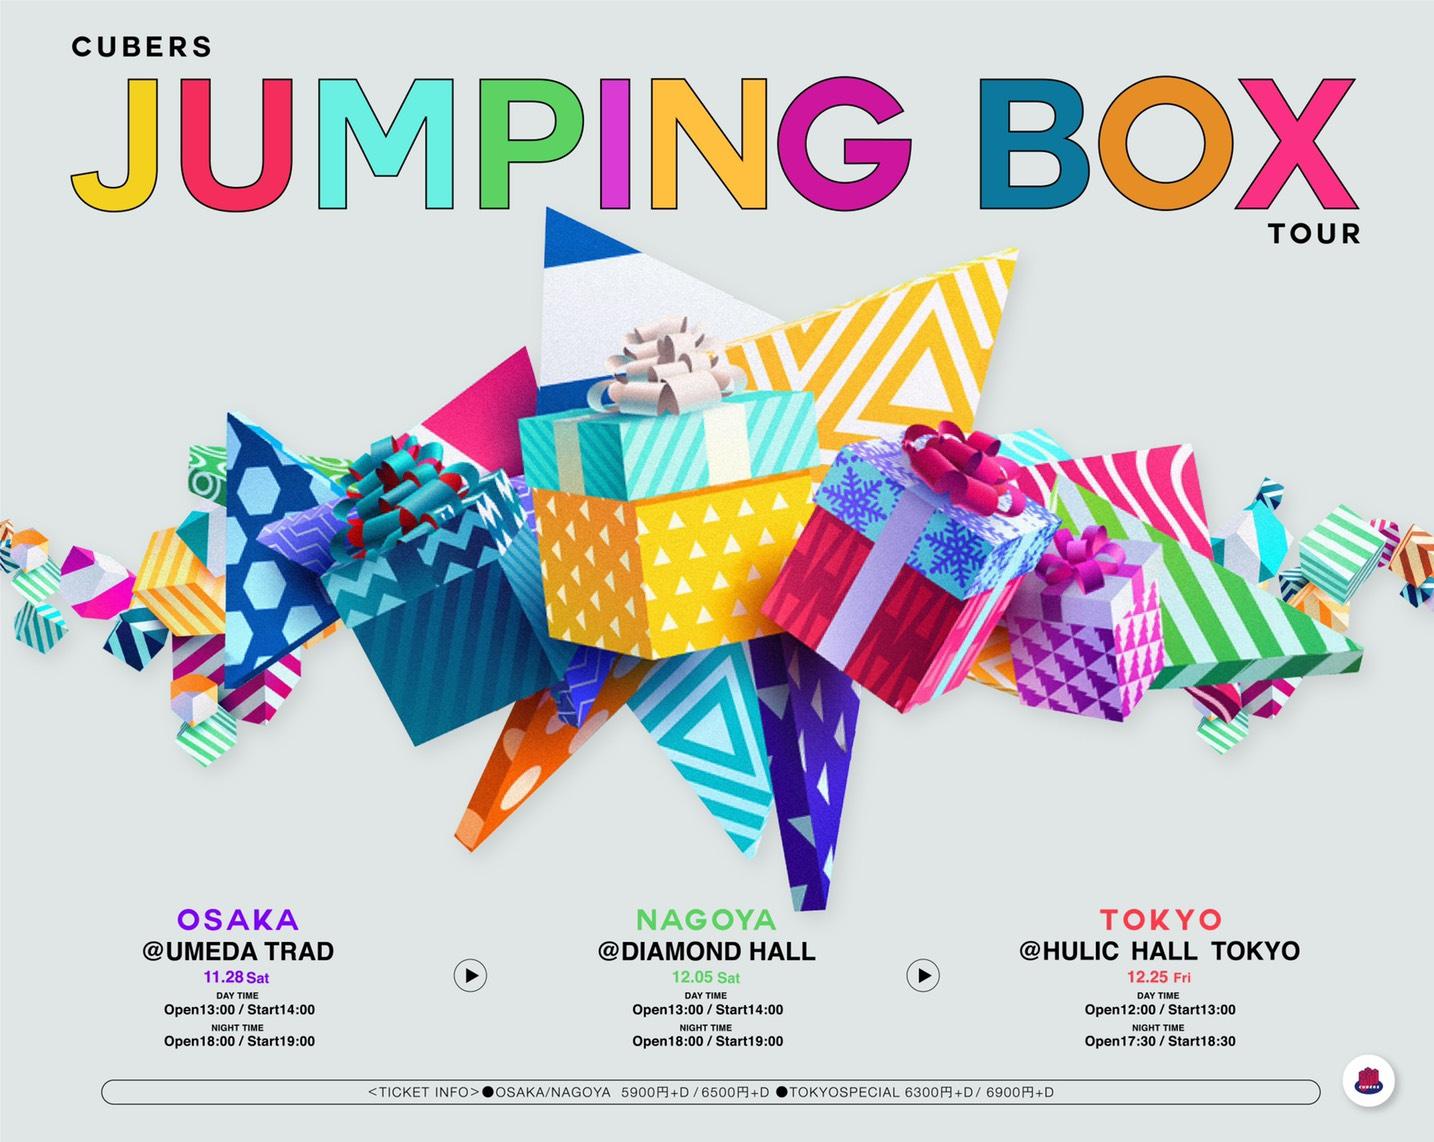 【お知らせ】12/25(金)開催『CUBERS JUMPING BOX TOUR ~Xmas Special~ 』東京公演 先行物販に関して